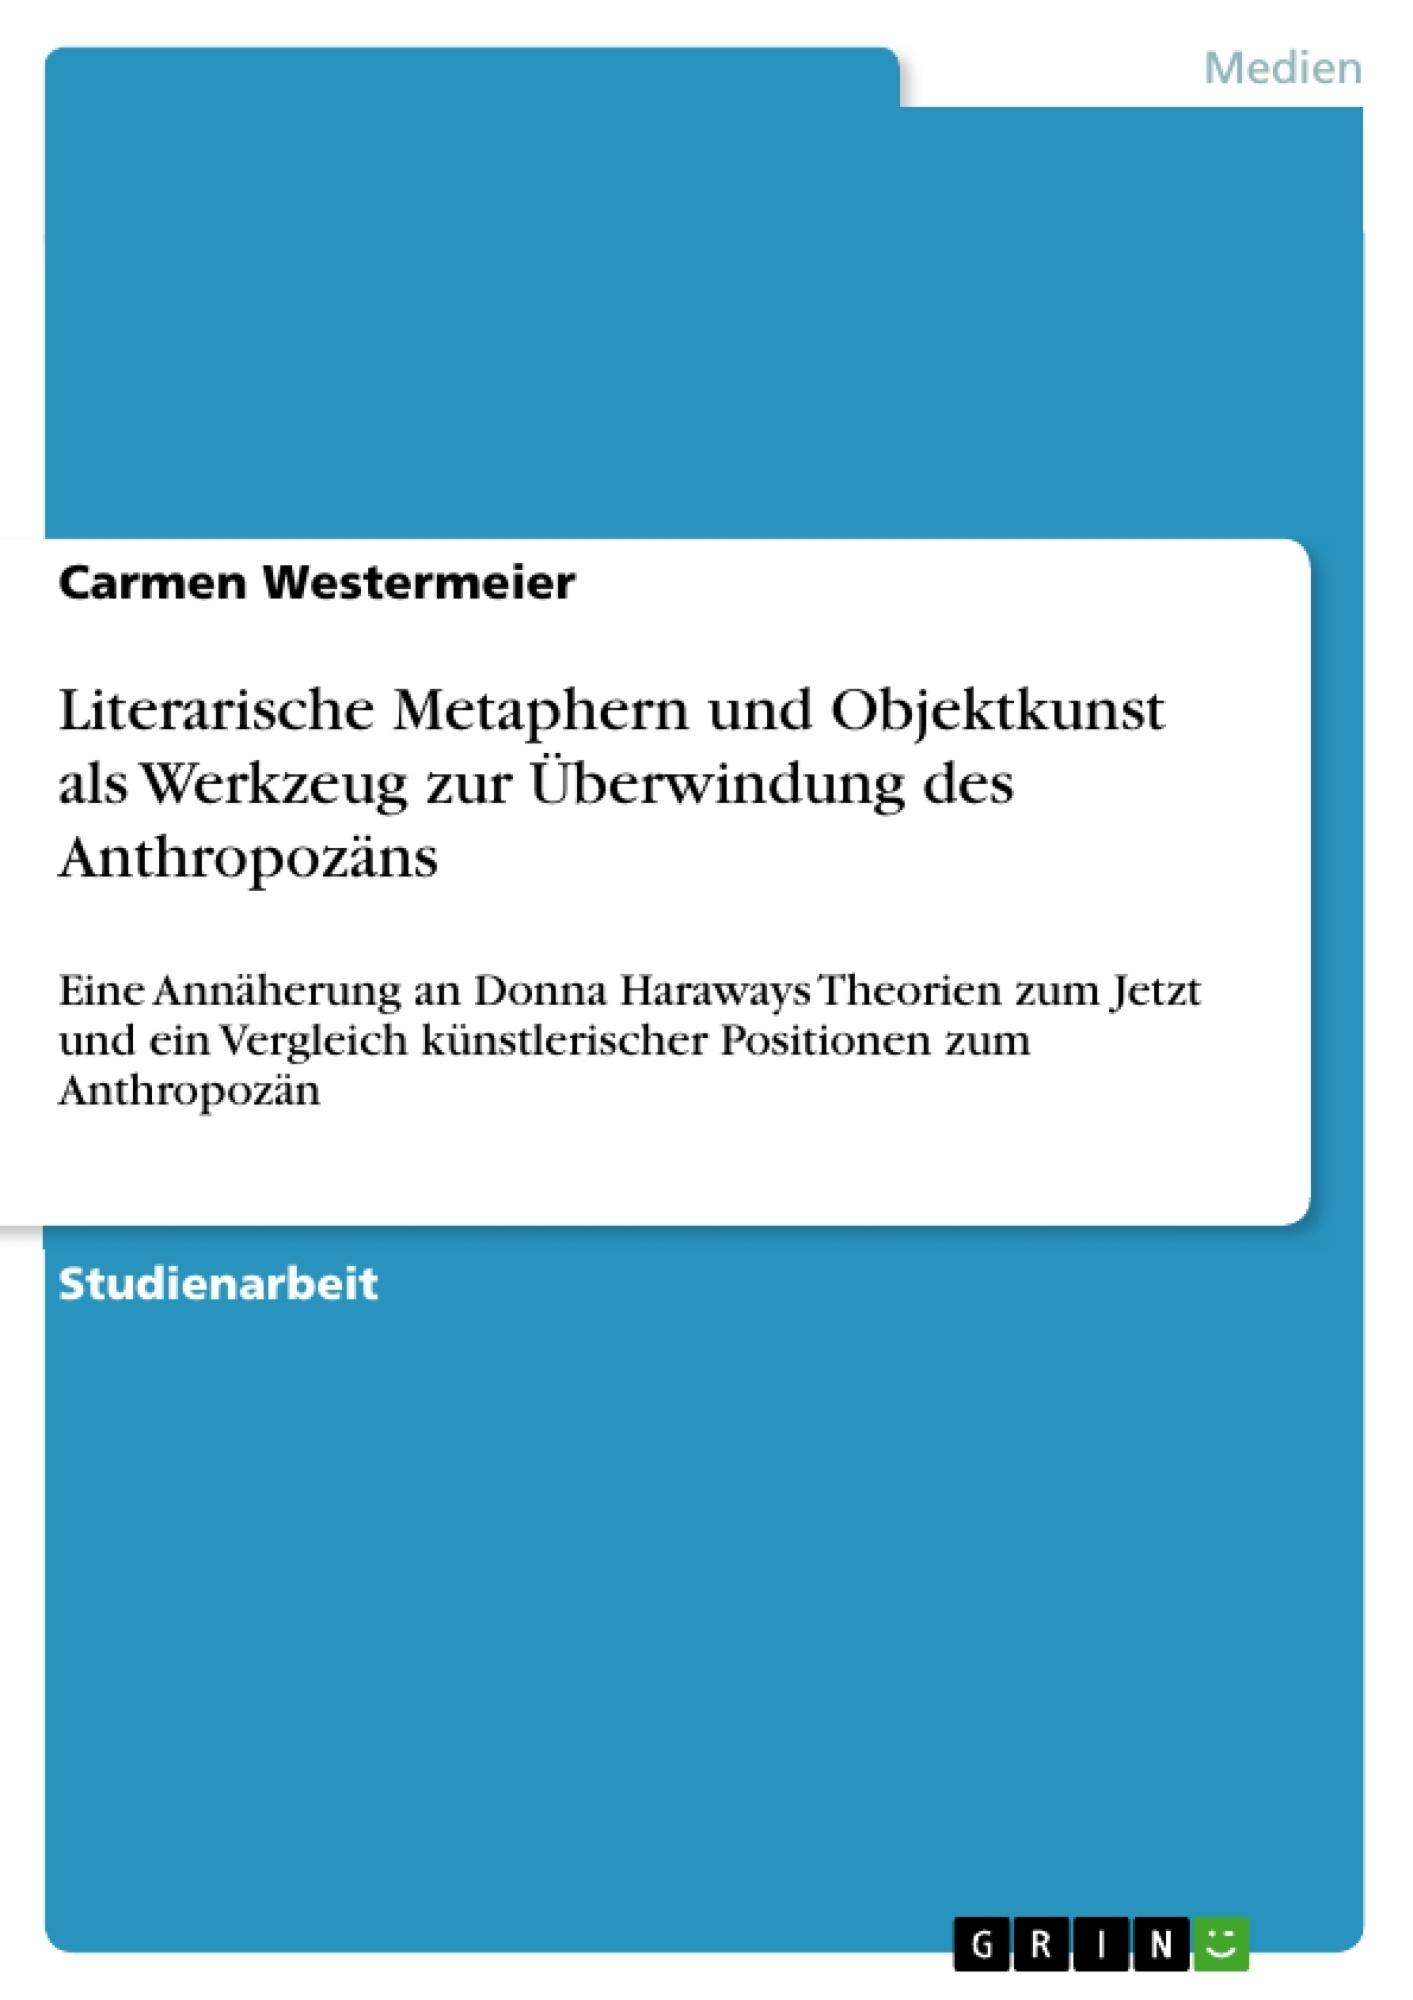 Titel: Literarische Metaphern und Objektkunst als Werkzeug zur Überwindung des Anthropozäns